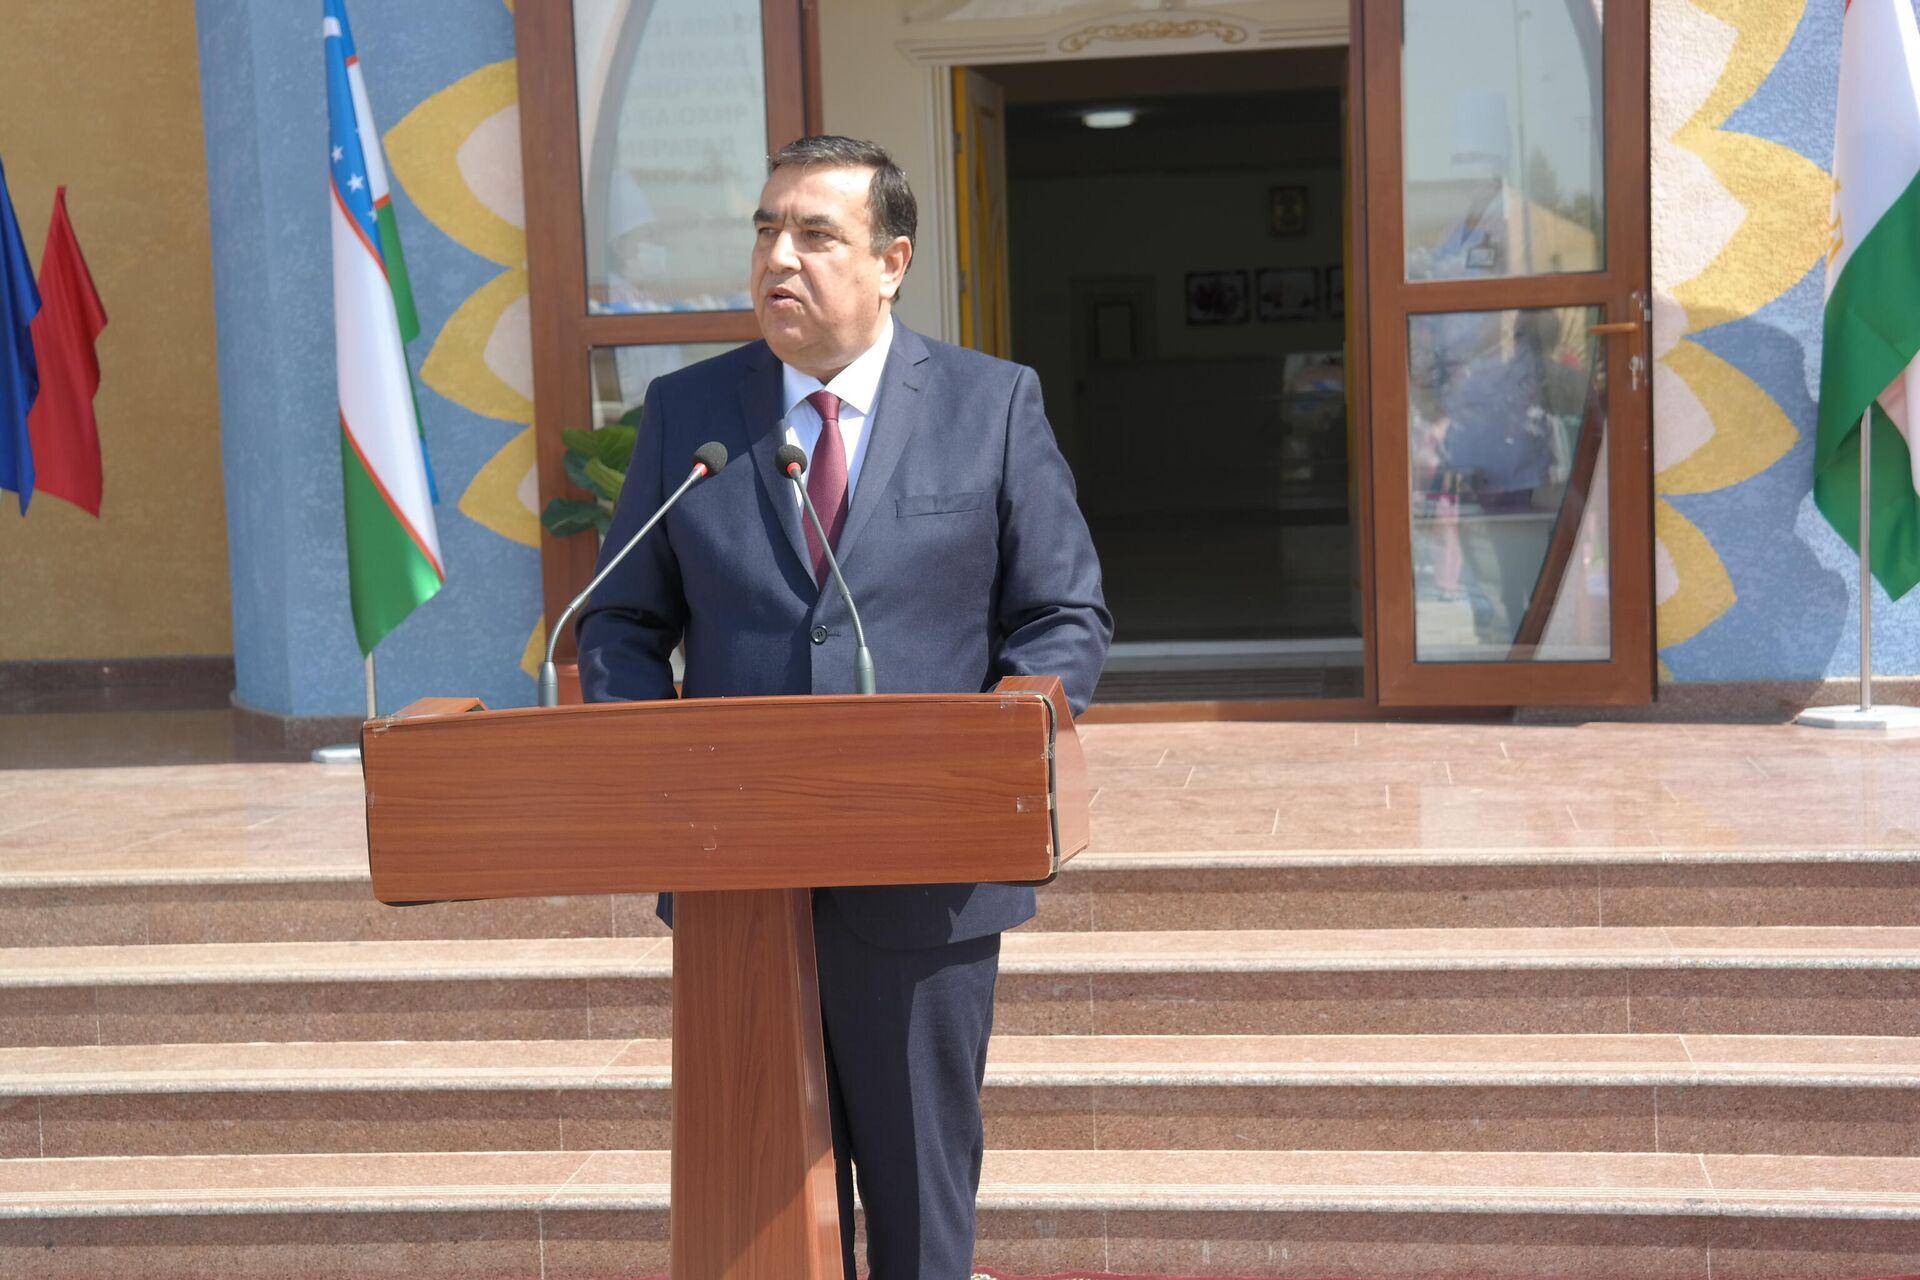 Посол Таджикистана в Узбекистане Абдуджаббор Рахмонзода  - Sputnik Ўзбекистон, 1920, 26.09.2021